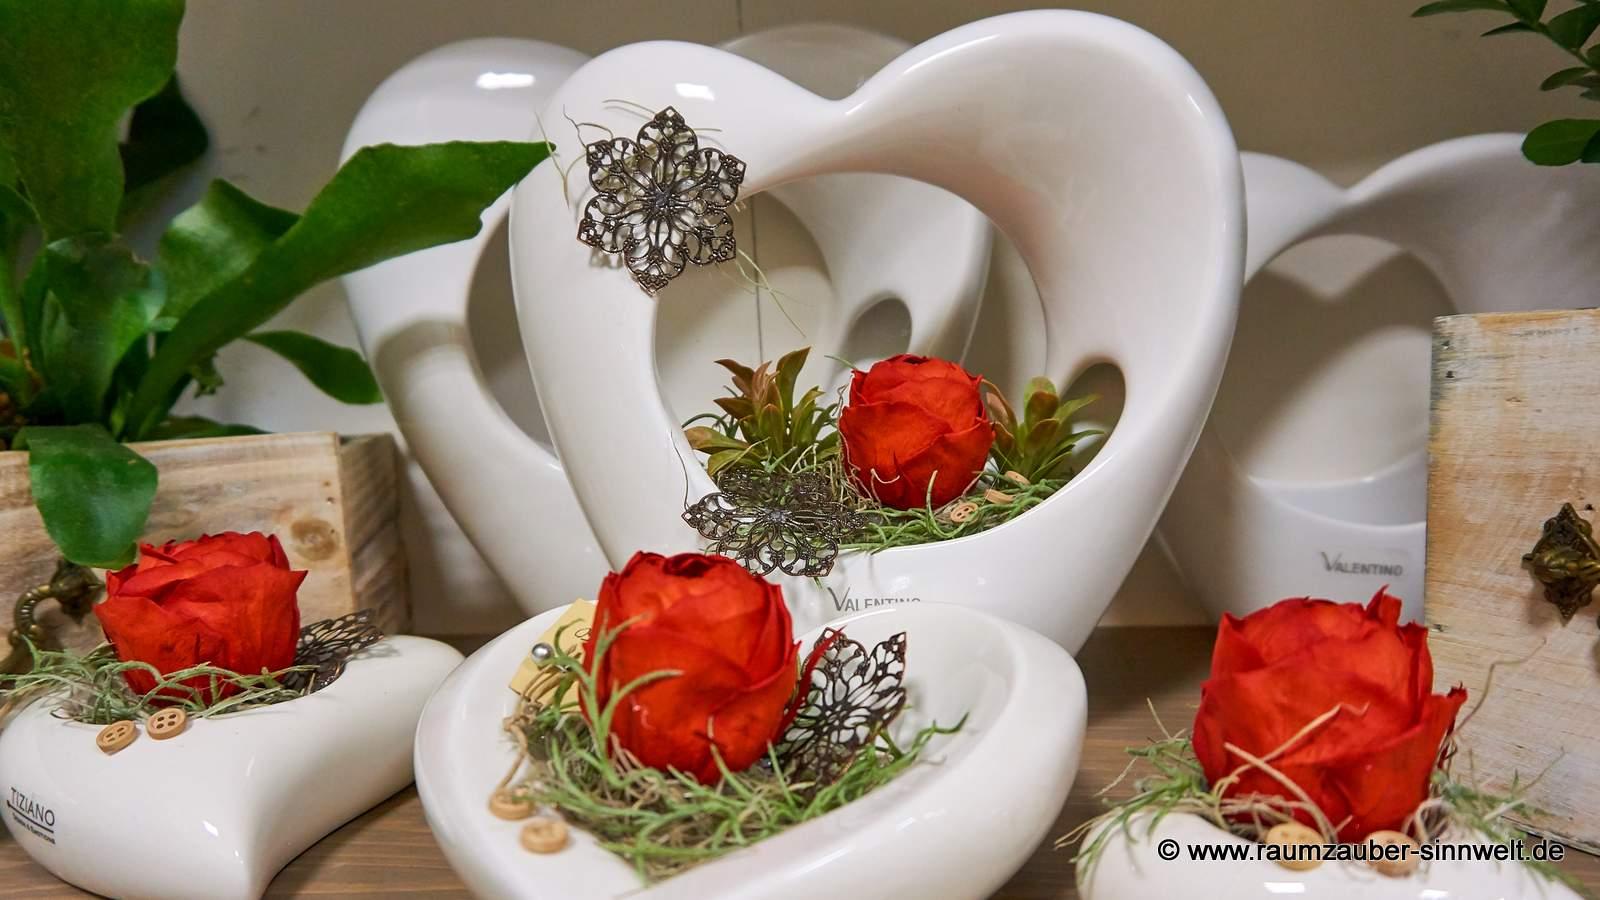 gefriergetrocknete Ranunkel-Rosen in TIZIANO-Keramik